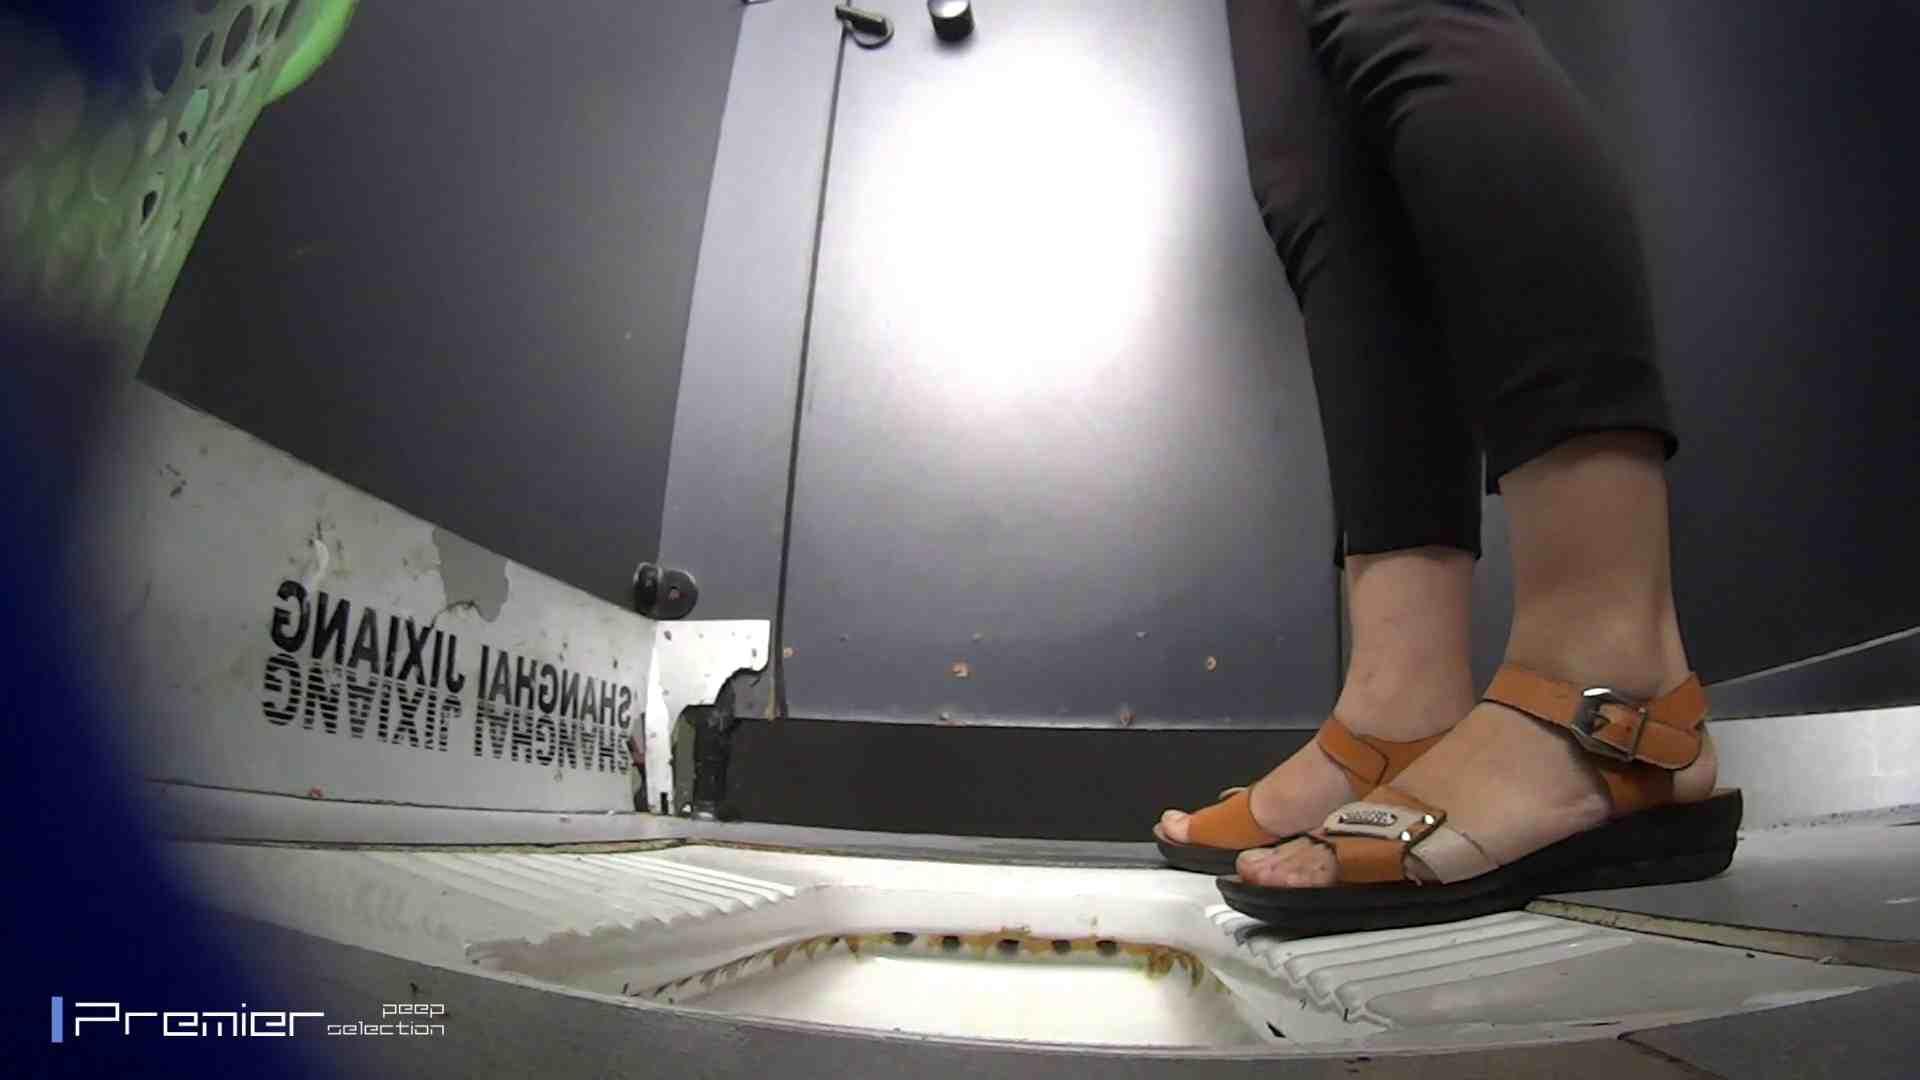 夏全開!ハーフパンツのギャル達 大学休憩時間の洗面所事情44 パンツ特集 ワレメ動画紹介 105画像 47